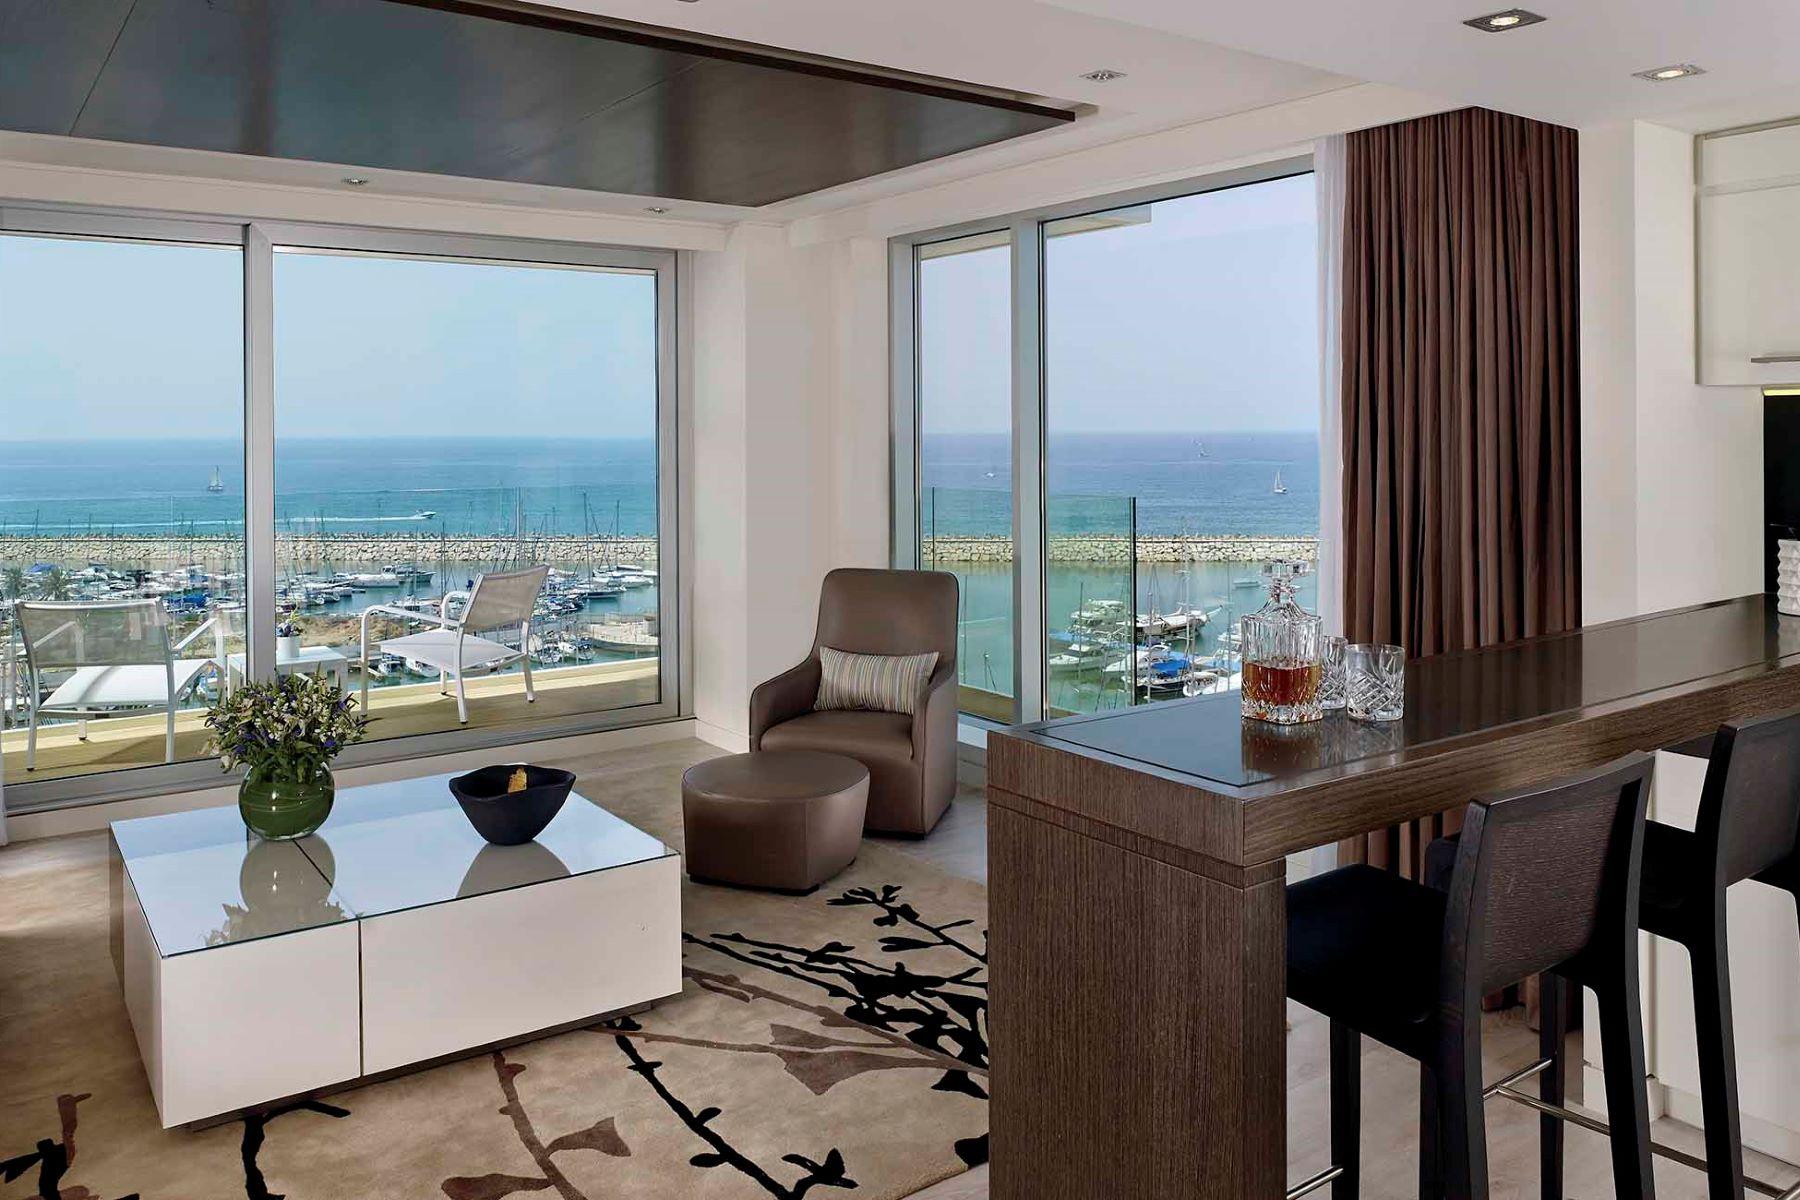 Wohnung für Verkauf beim Ritz-Carlton Residences Herzliya Luxury Apartment Herzliya, Israel Israel